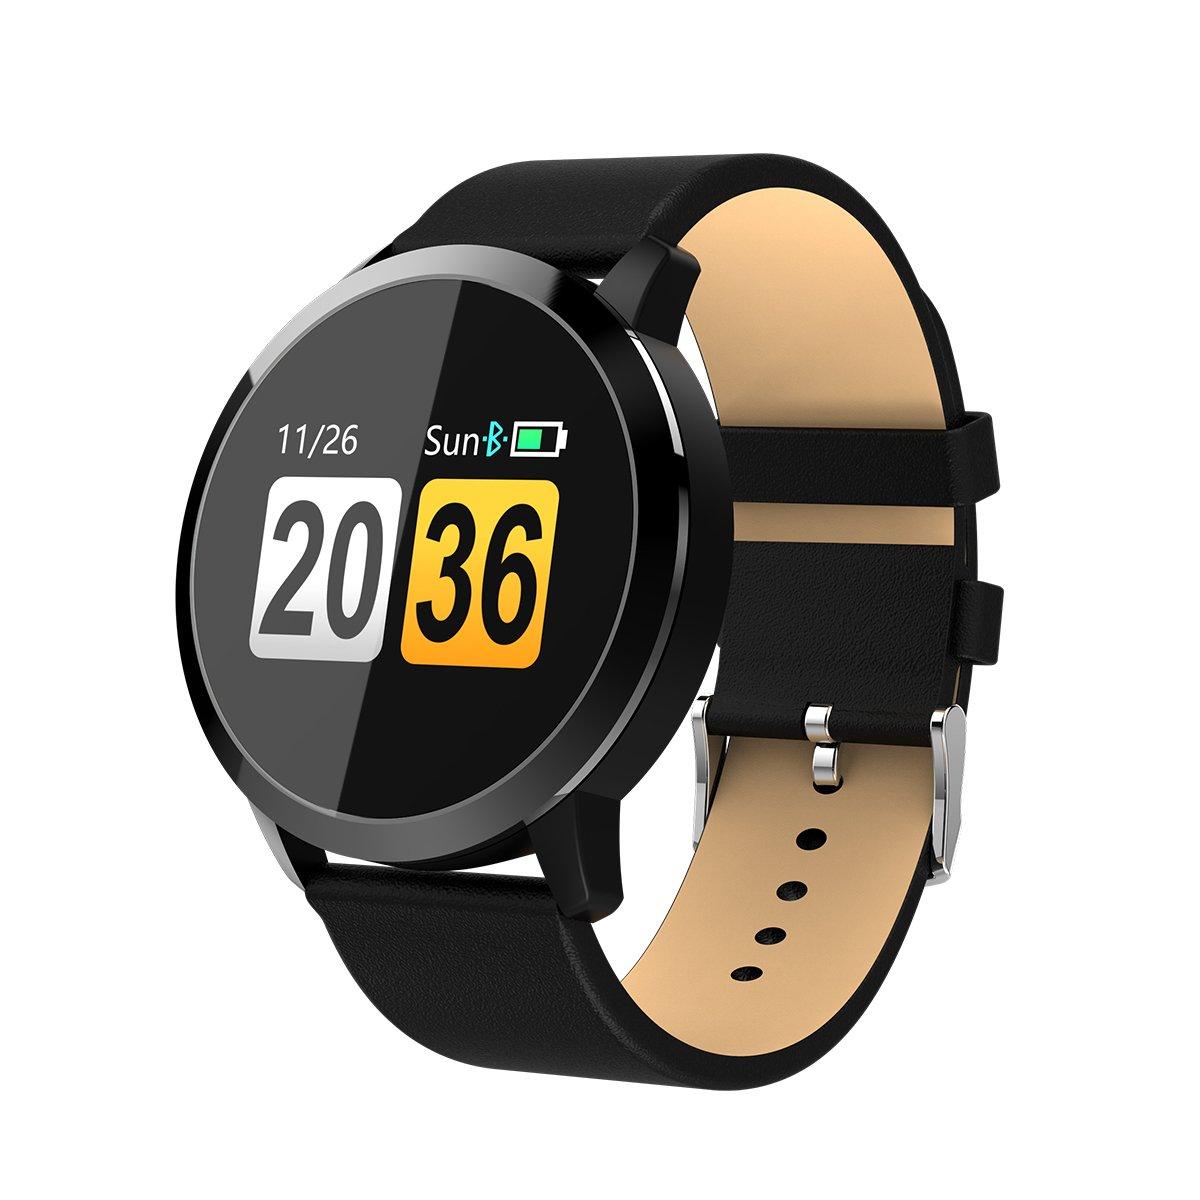 Adsvtech Smartwatch, Impermeable Reloj Inteligente Mujer Hombre, Pulsera Actividad Inteligente Reloj Deportivo Reloj Fitness con Monitor de sueño Pulsómetro Cronómetros para iOS Android